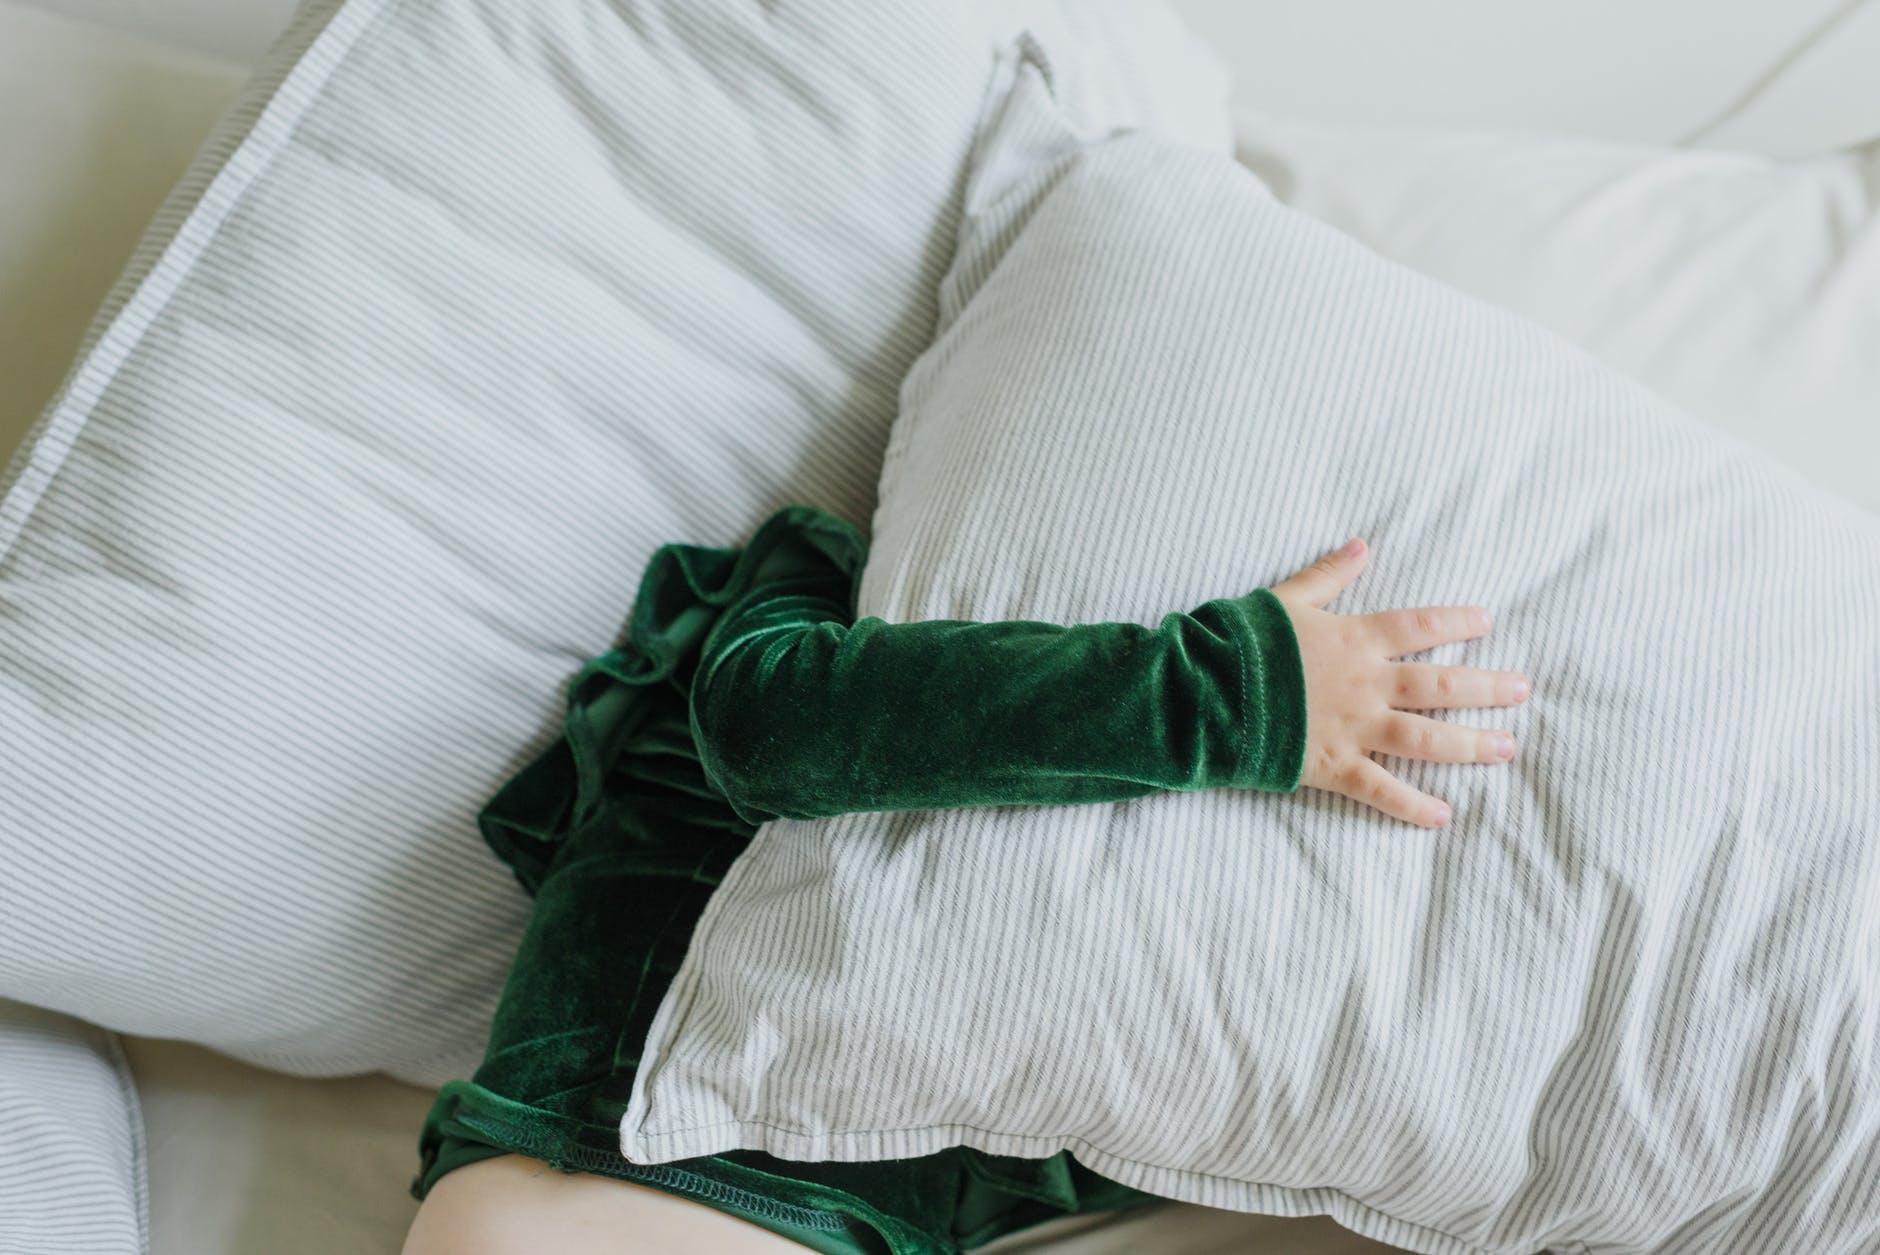 Conoce los mejores consejos para lavar tus almohadas